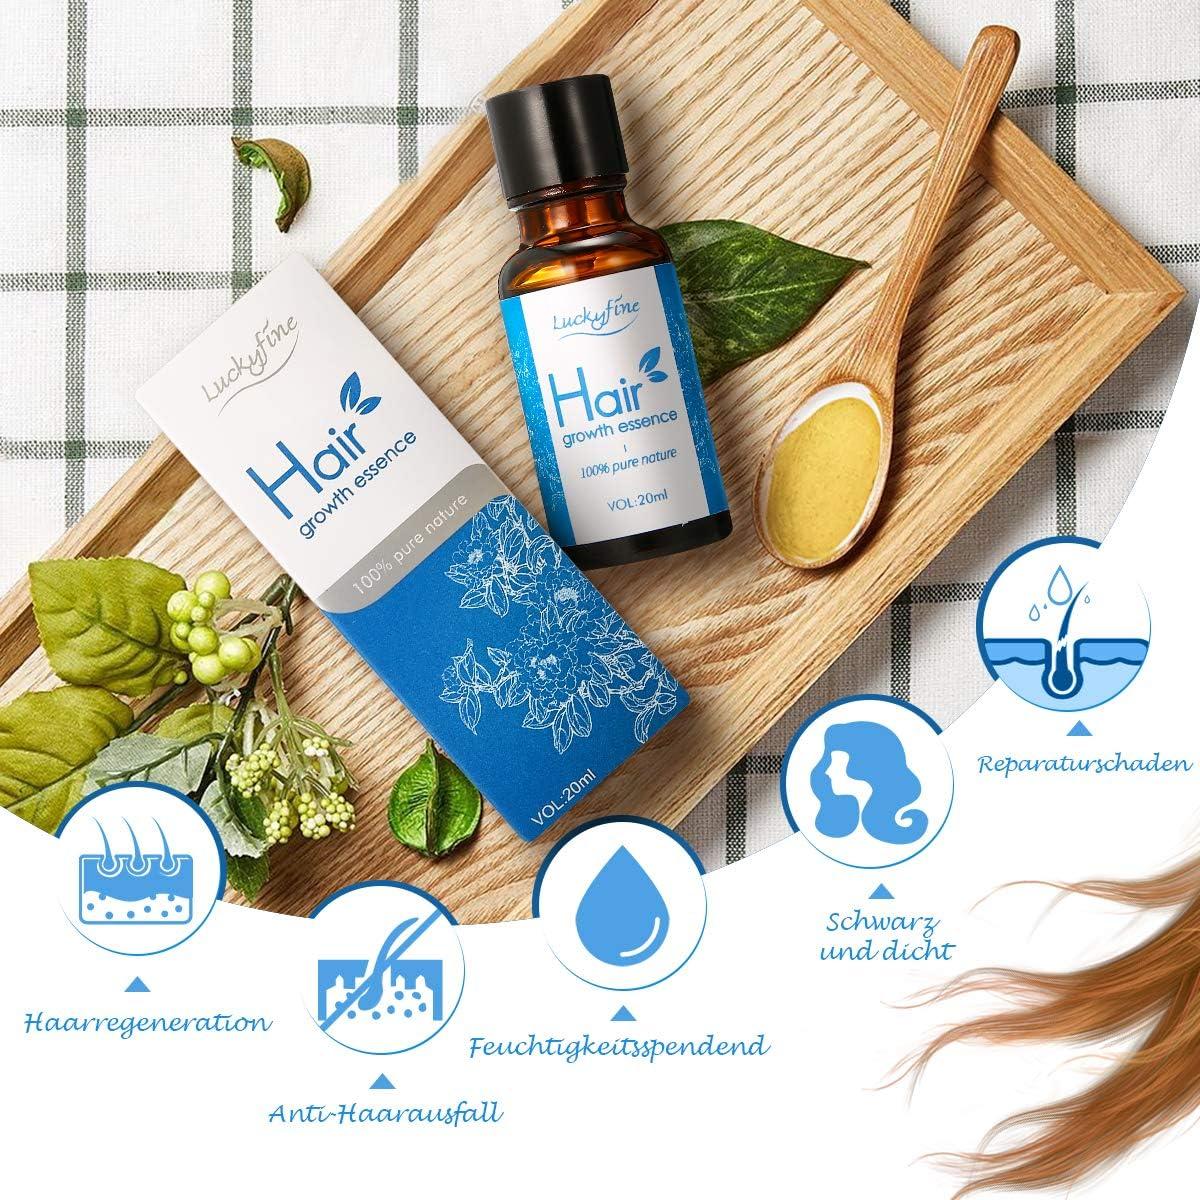 Luckyfine Suero anticaída nutritivo para el cuidado del cabello y un crecimiento rápido del cabello (agrega brillo natural) 20ml: Amazon.es: Belleza